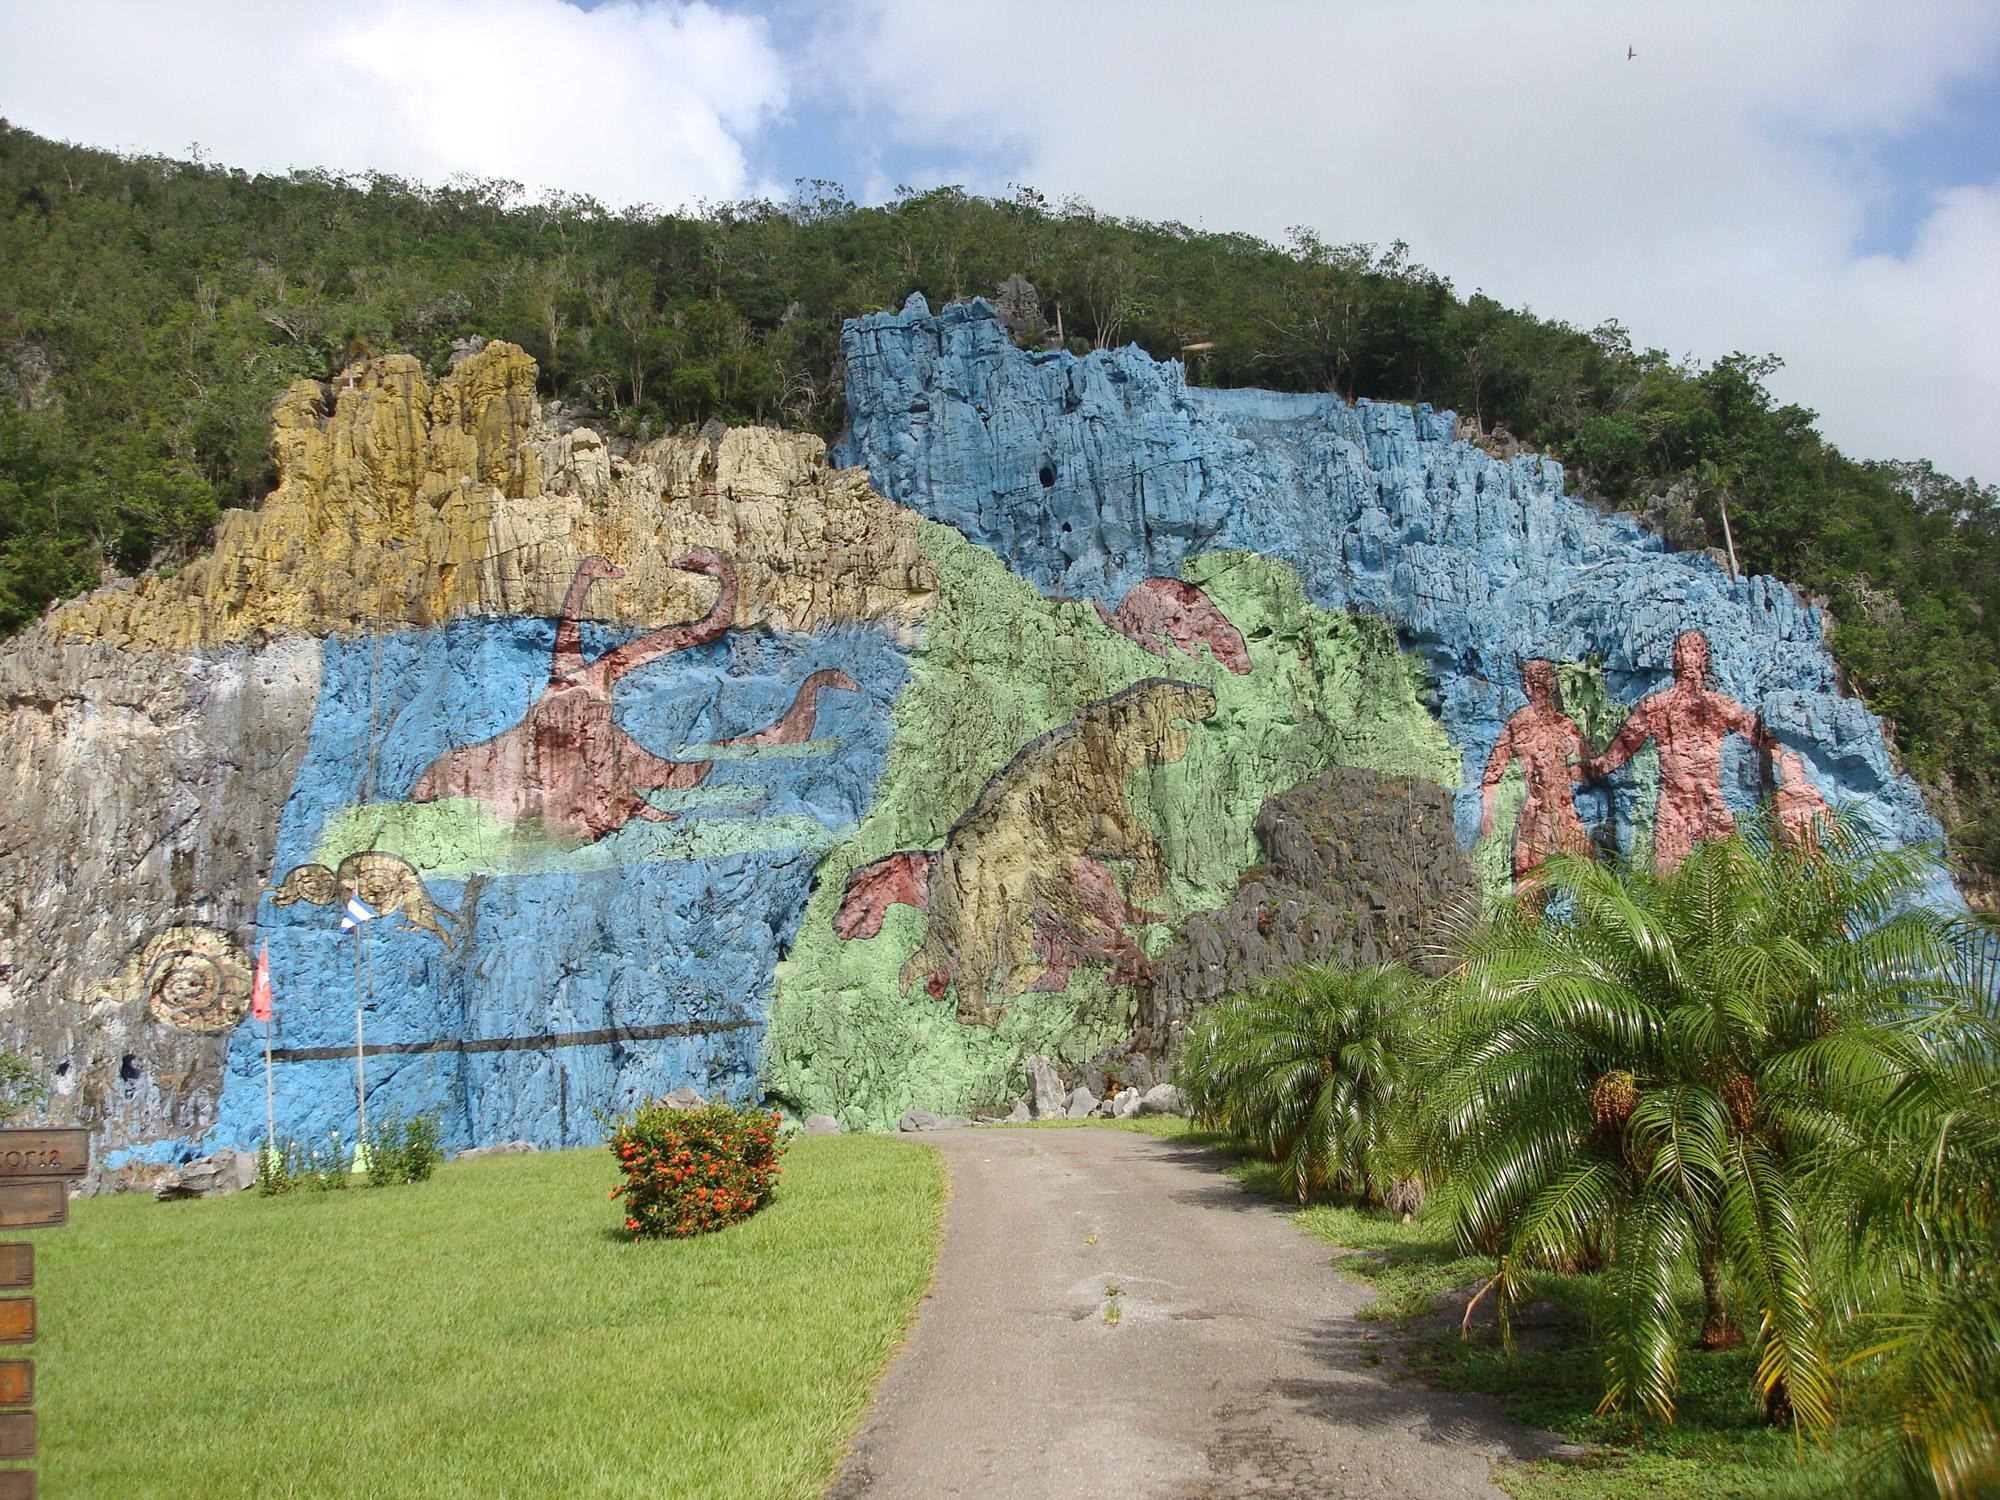 Mural de la prehistoria in valle de vi ales cuba for Mural de la prehistoria cuba